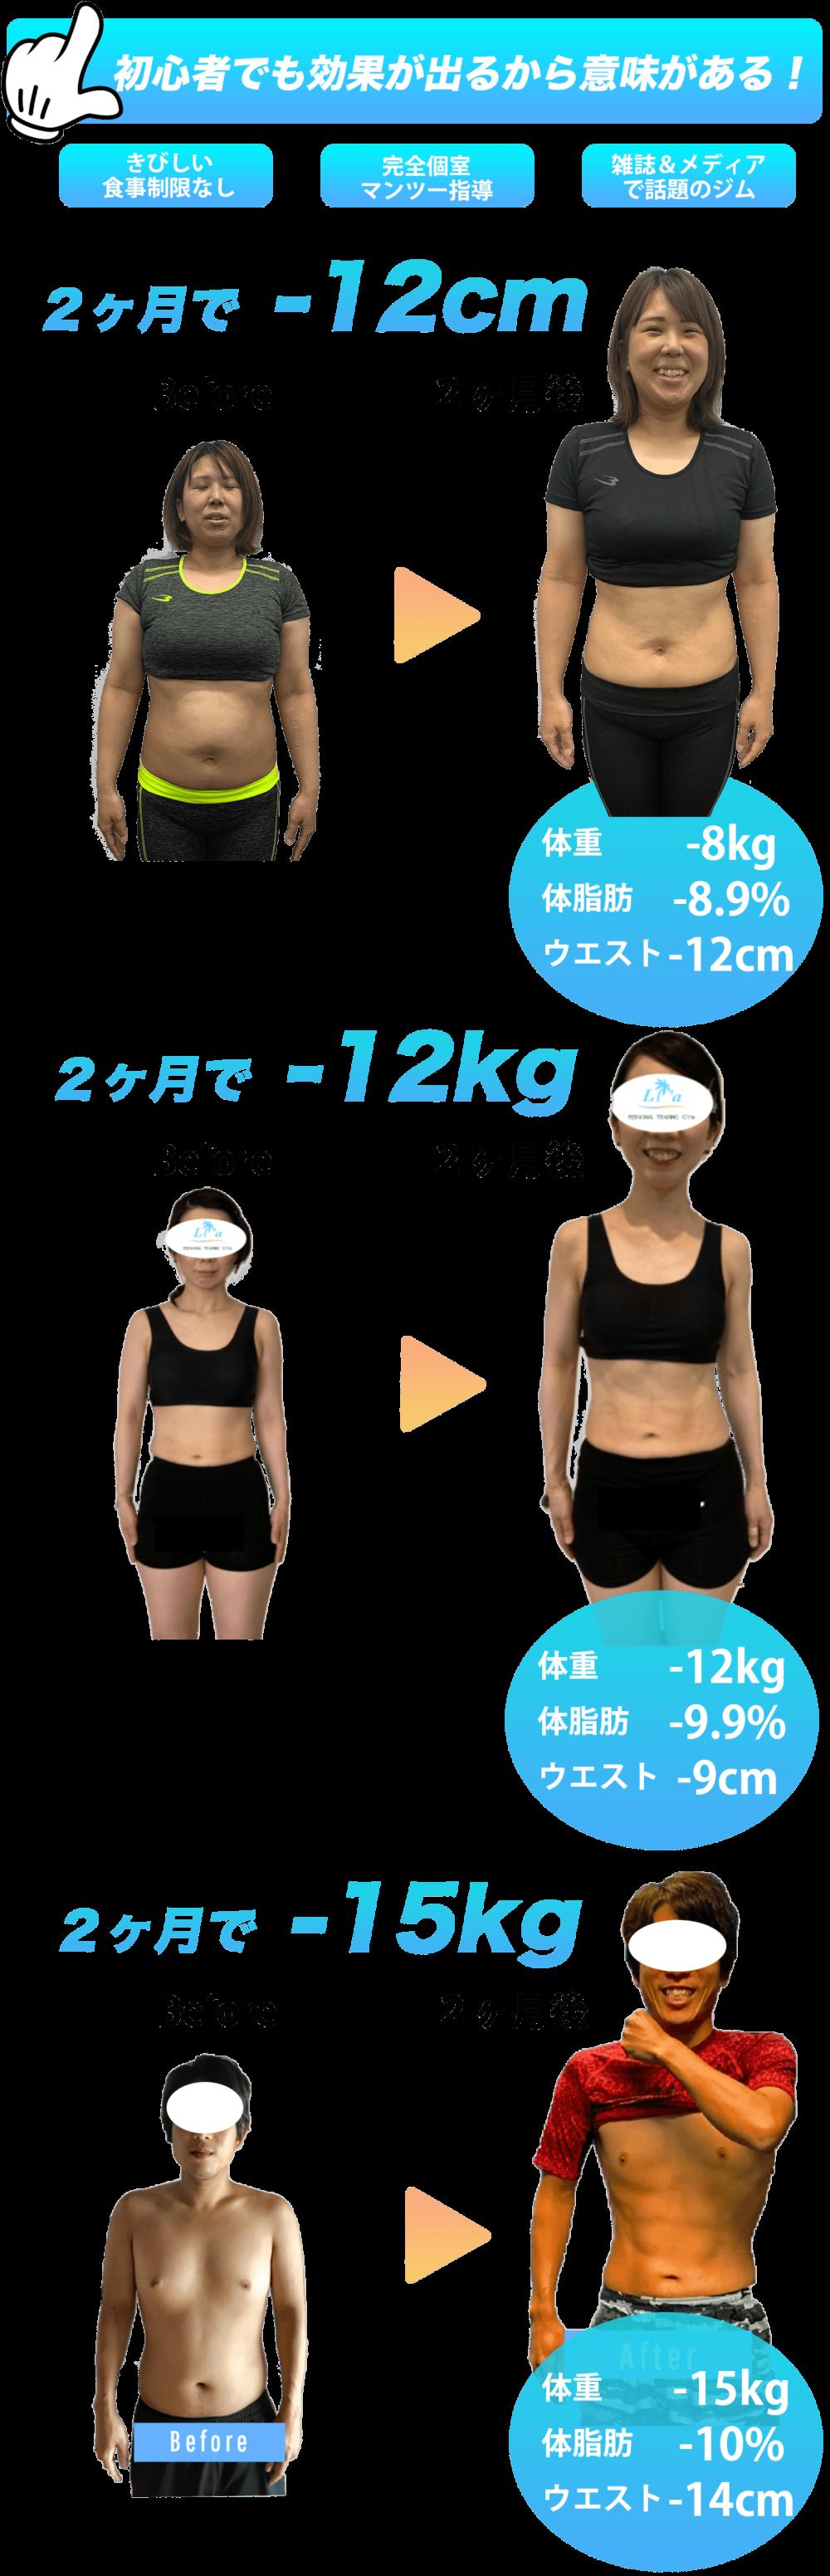 上前津 パーソナルジム ビフォーアフター写真 ウエスト-12cm、体重-8,8kg マンツーマン指導、完全プライベート空間、厳しい食事制限なし